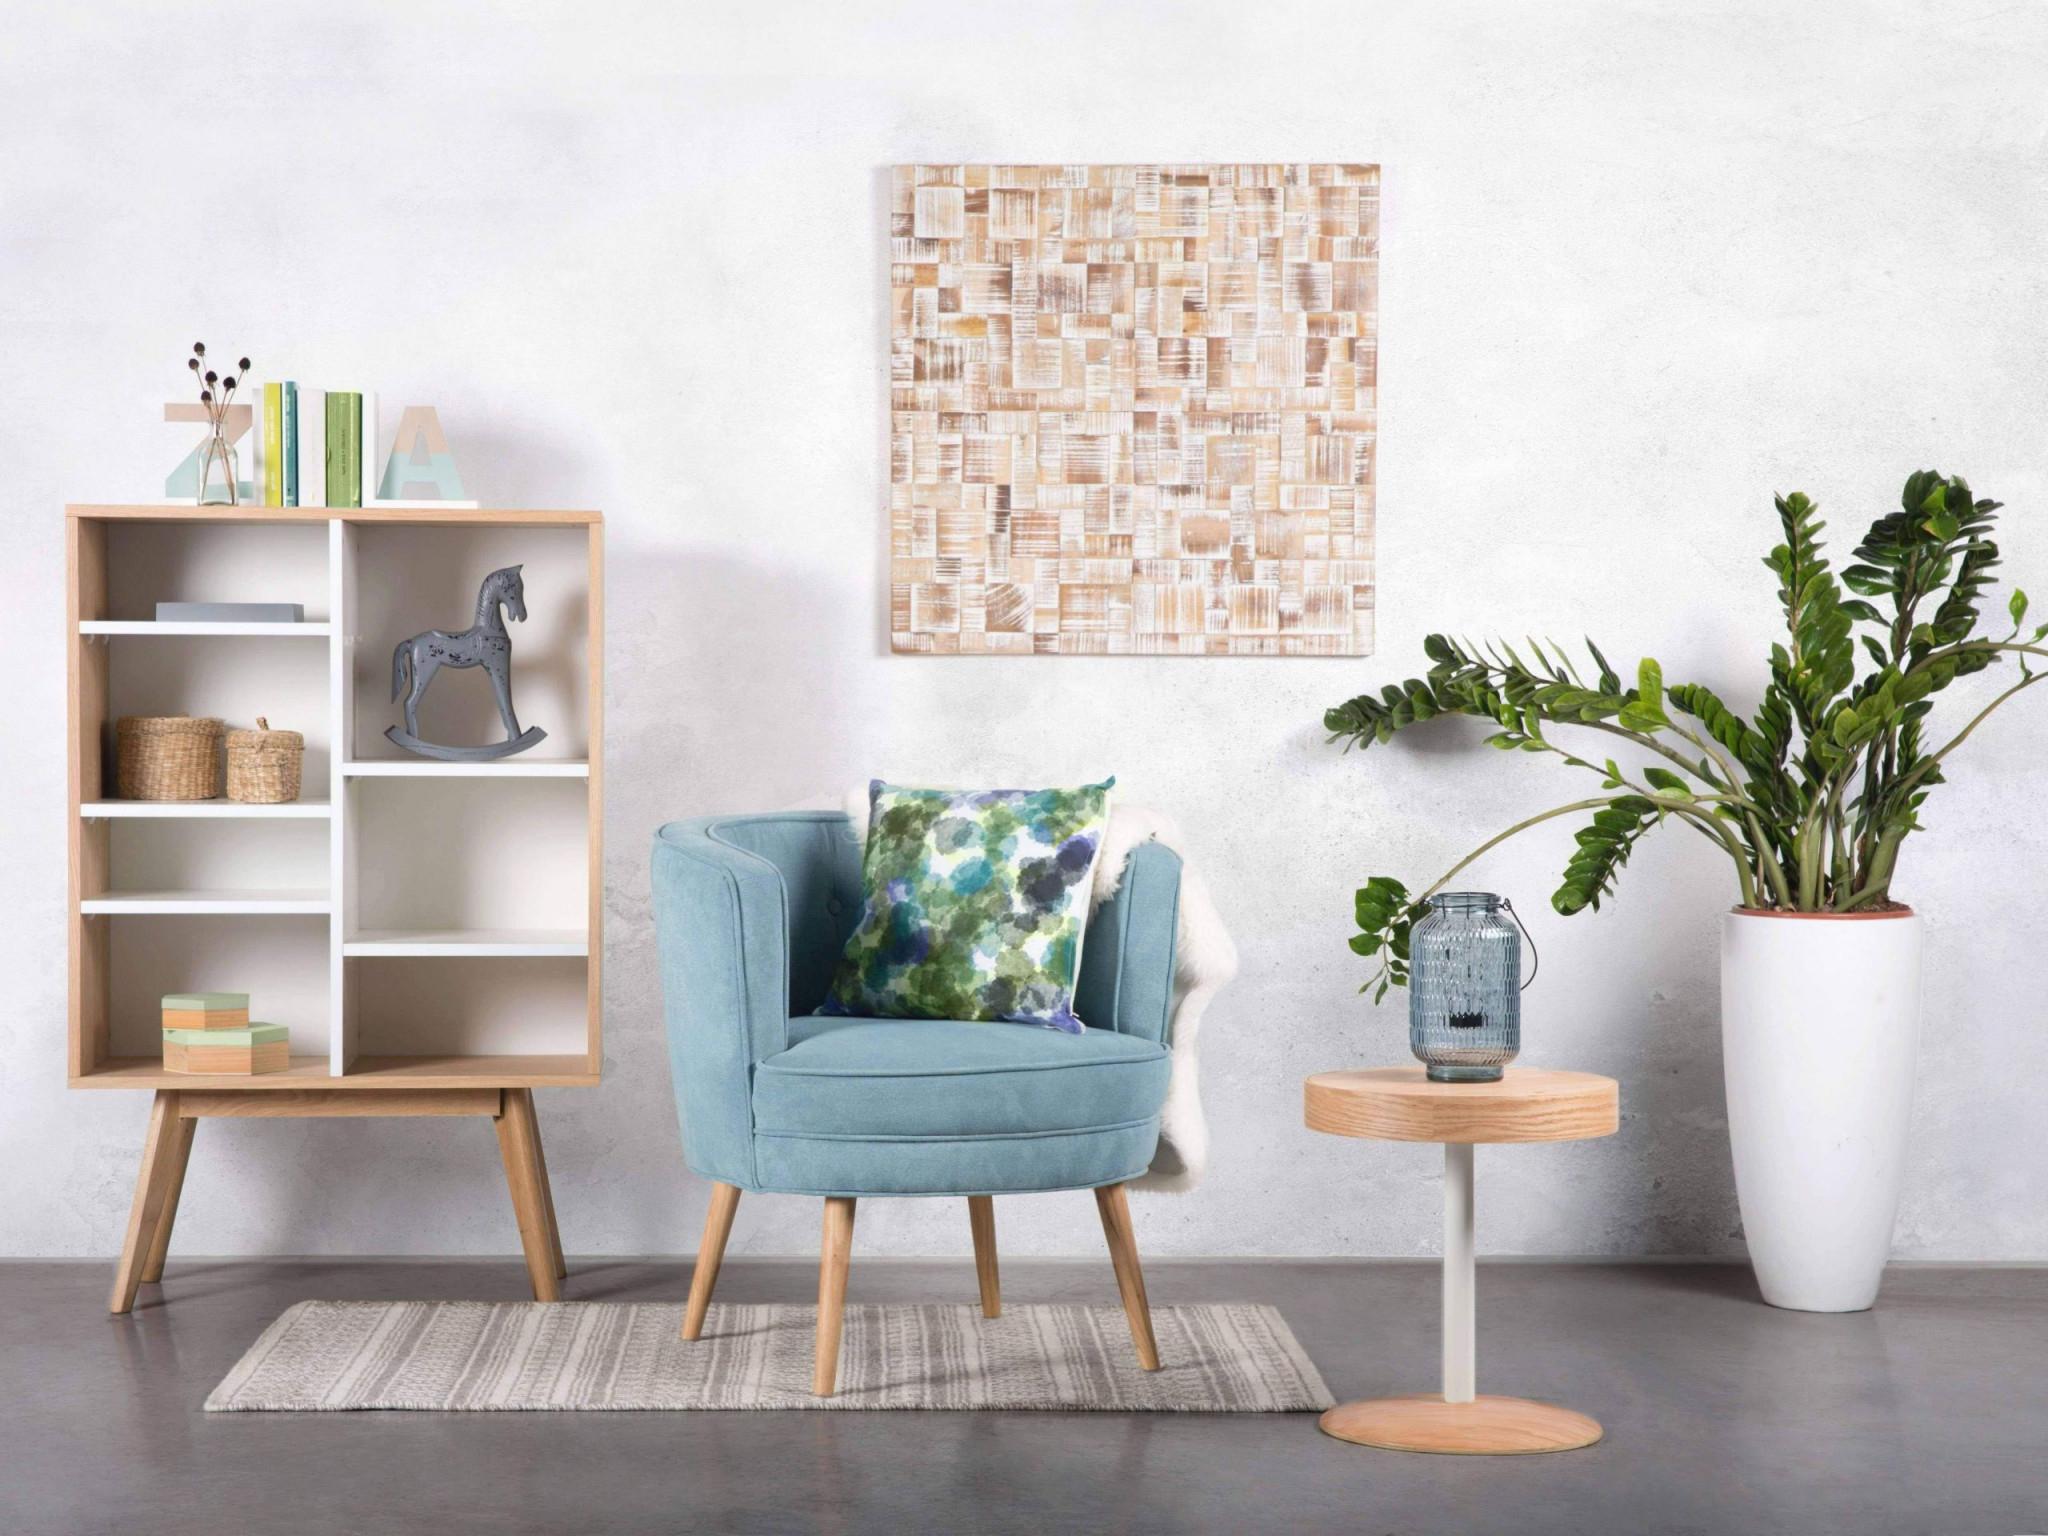 39 Einzigartig Ecke Im Wohnzimmer Dekorieren Luxus von Wohnzimmer Ecke Deko Bild